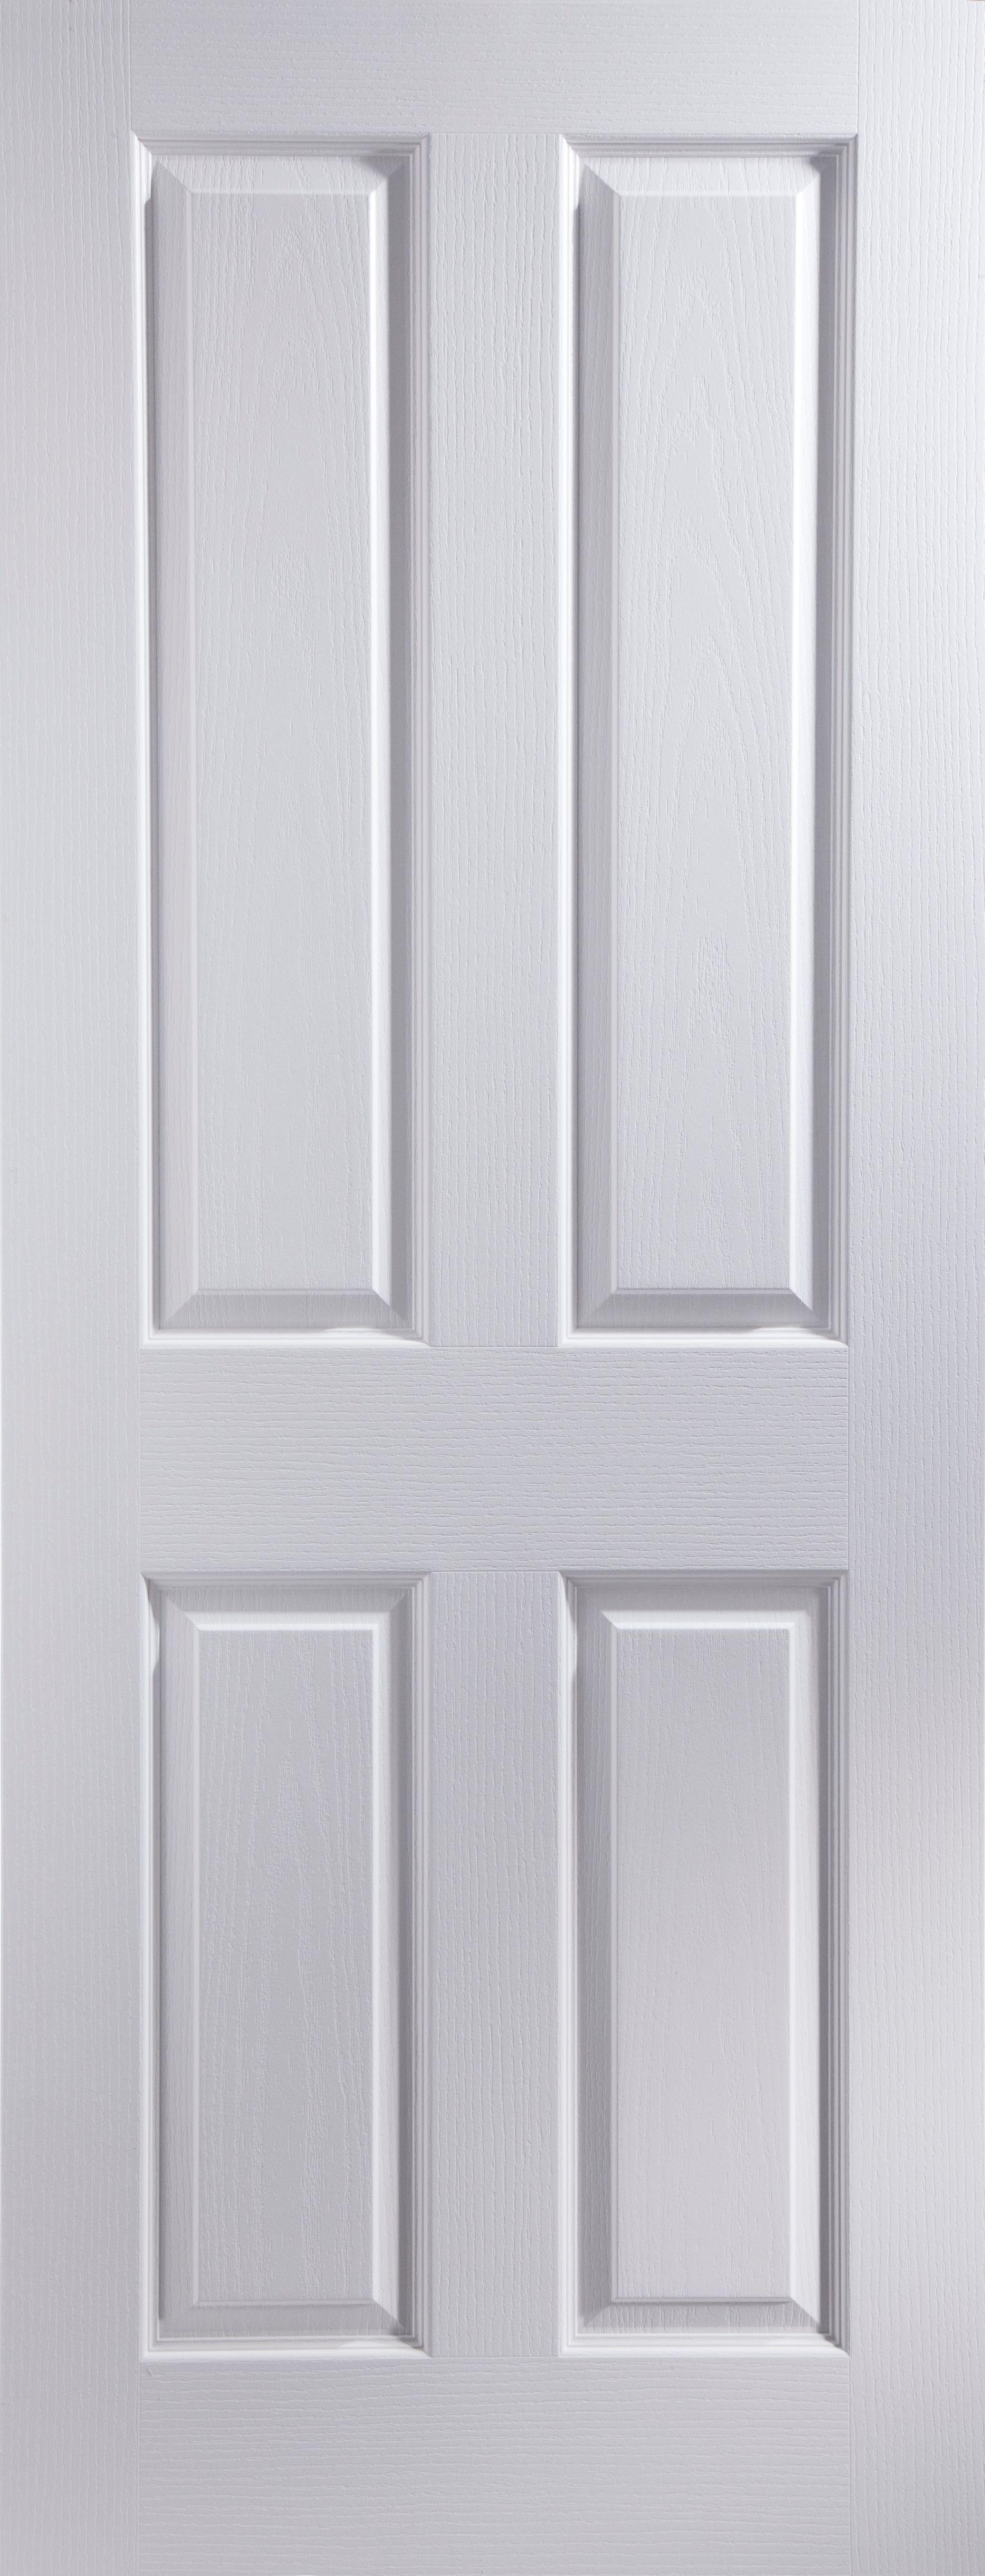 4 Panel Primed Woodgrain Unglazed Internal Standard Door (H)1981mm (W)762mm | Departments | DIY at B\u0026Q  sc 1 st  B\u0026Q & 4 Panel Primed Woodgrain Unglazed Internal Standard Door (H)1981mm ...